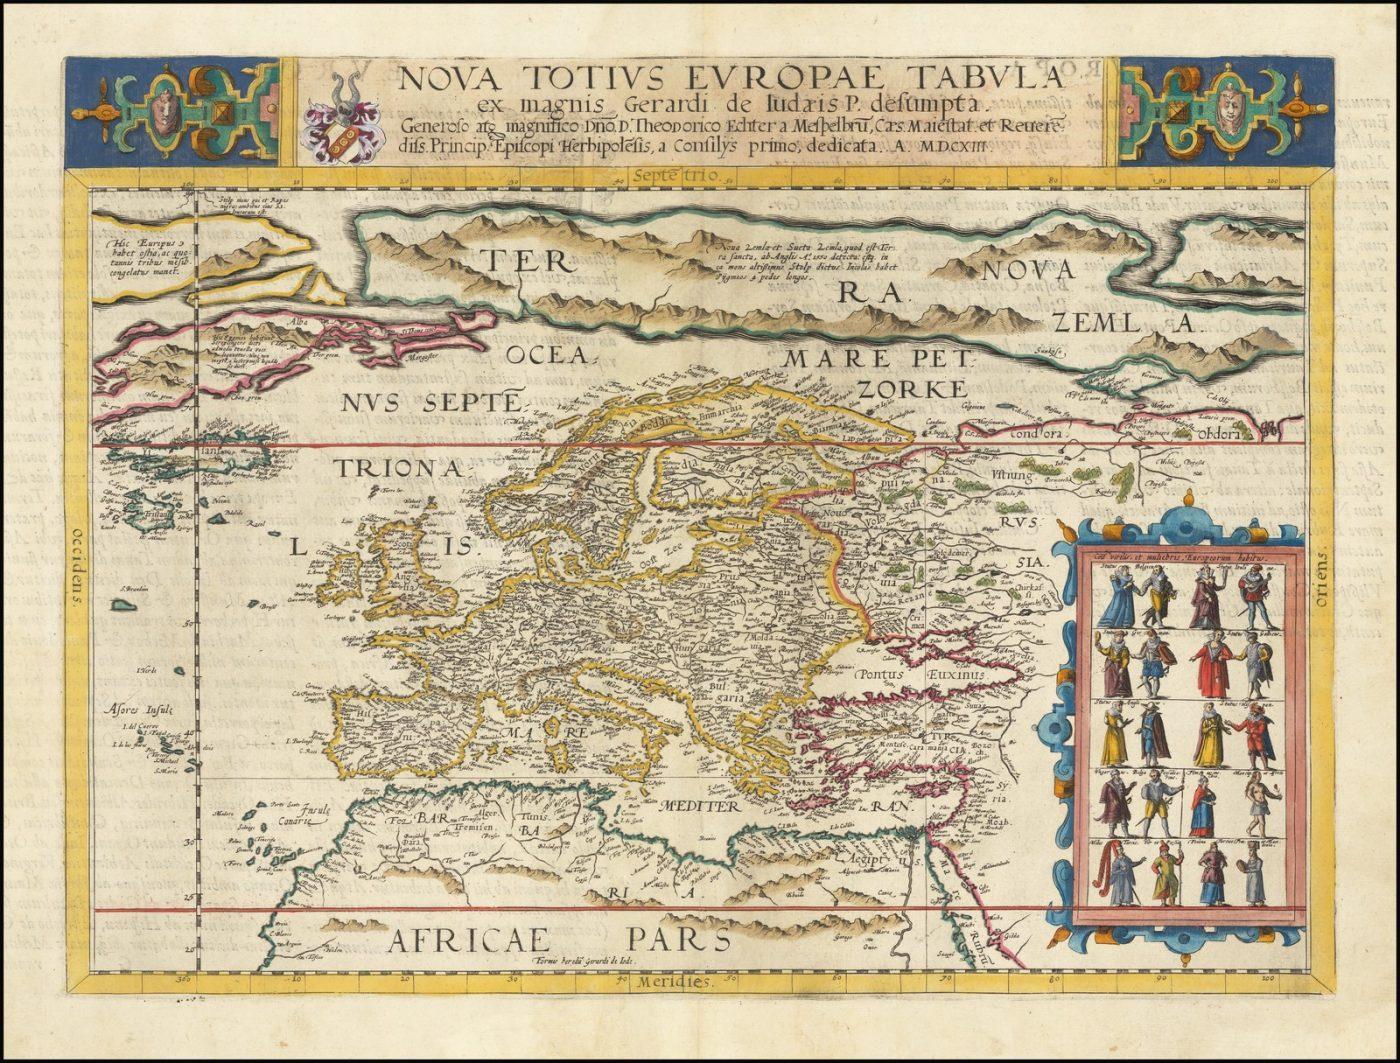 Поразителен полноцветный пример редкой карты Европы Жерара Де Жода, вышедшей только во втором издании Speculum Orbis Terarrum в 1593 году